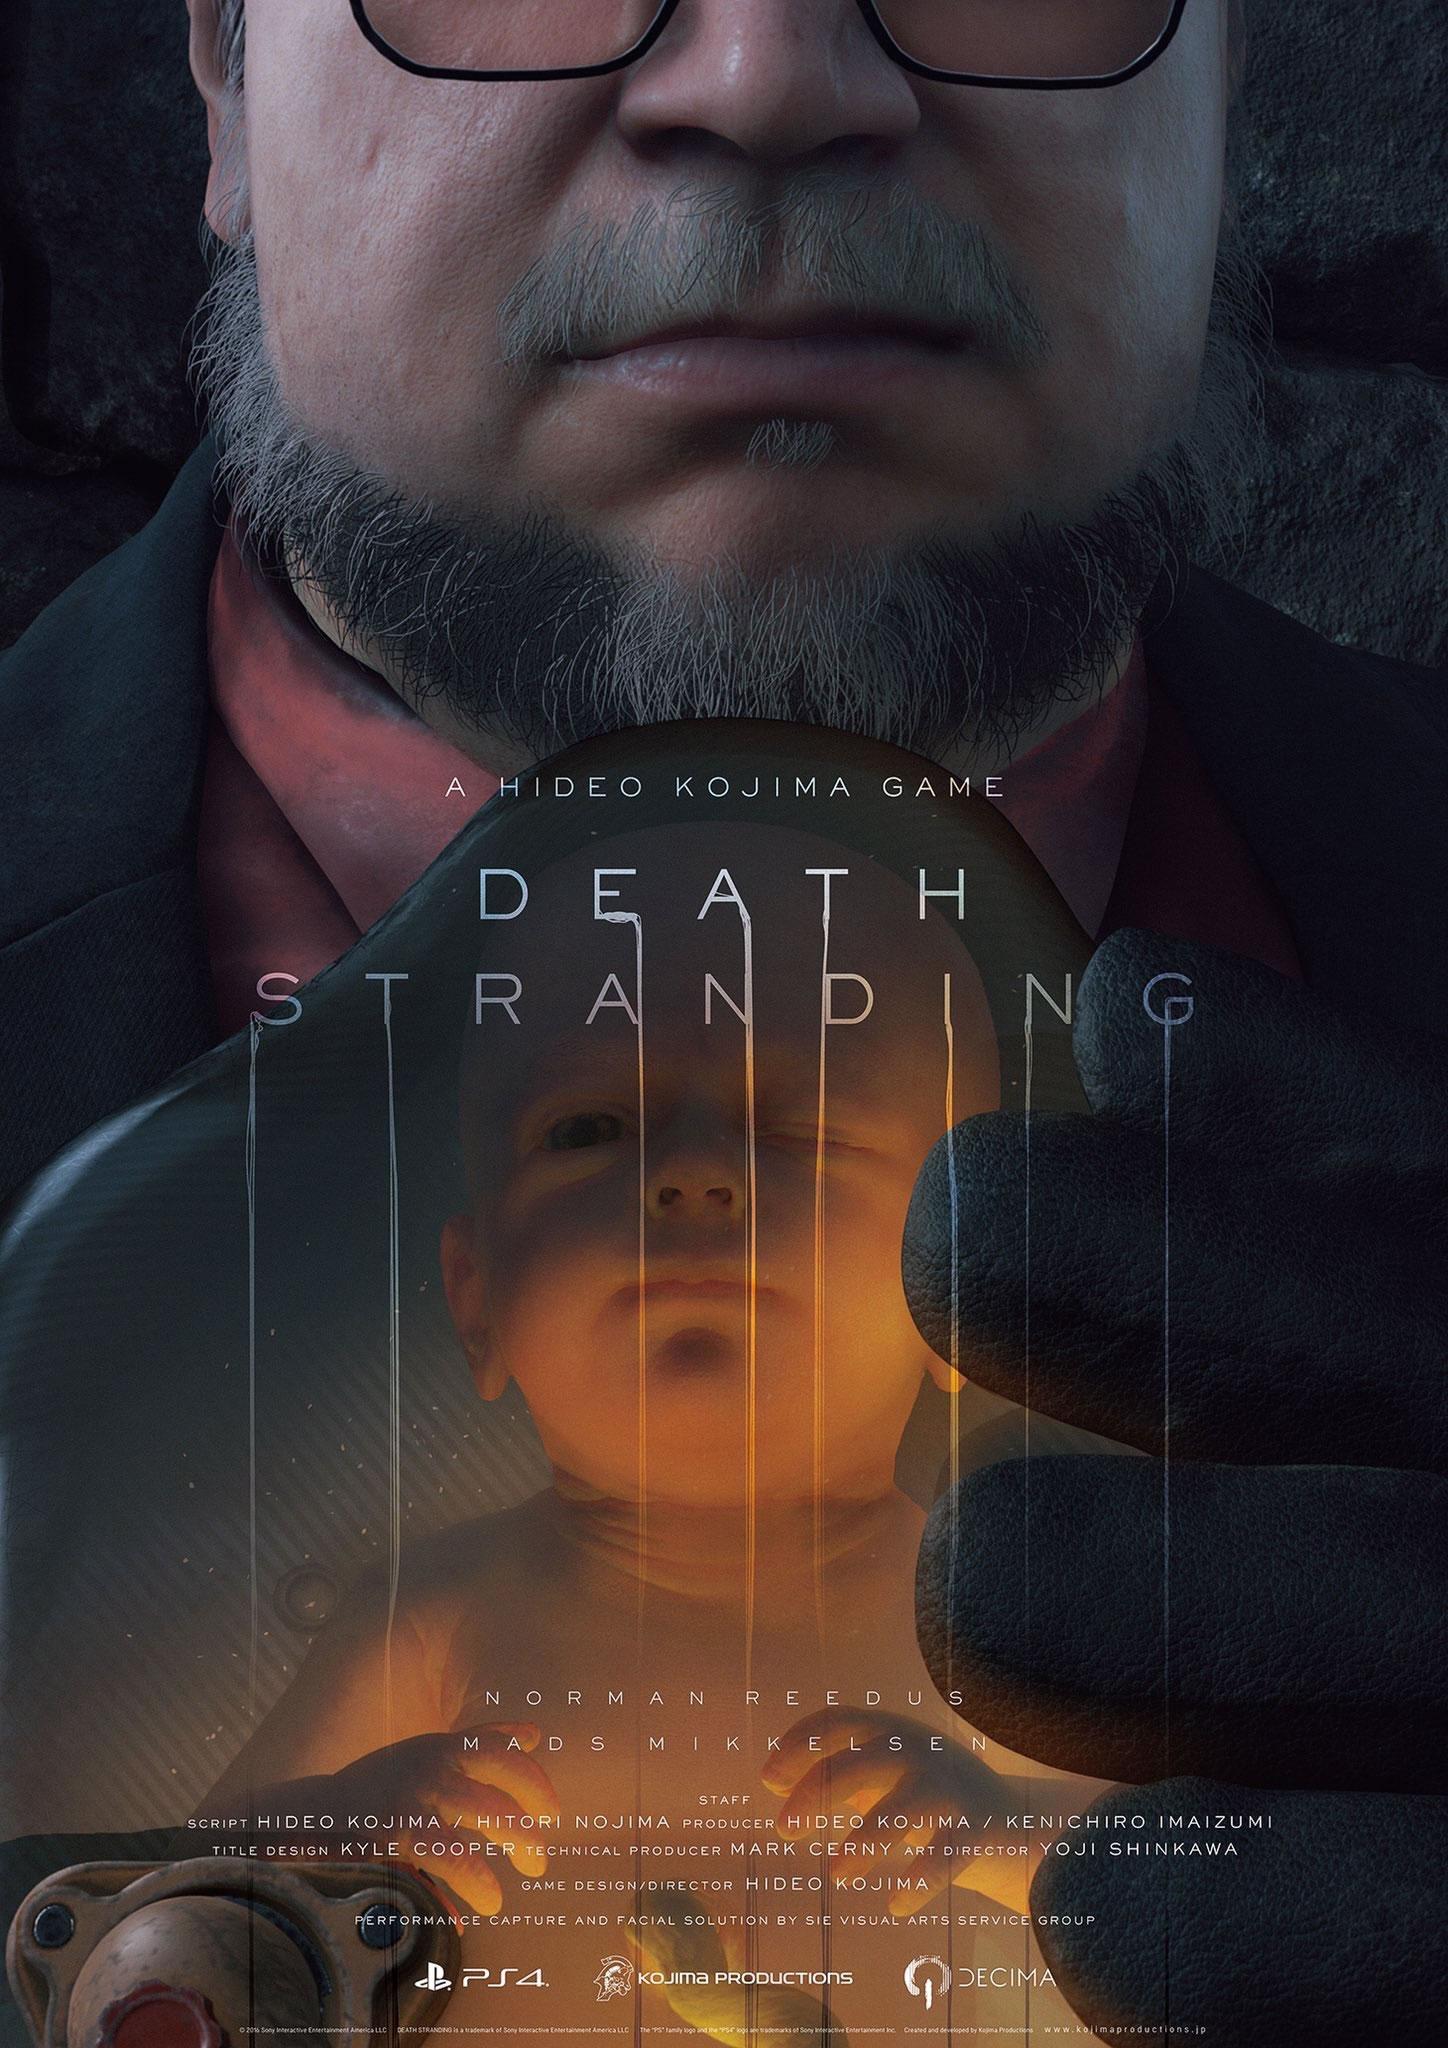 Affiche de Death Stranding (Guillermo del Toro) – The Game Awards 2016